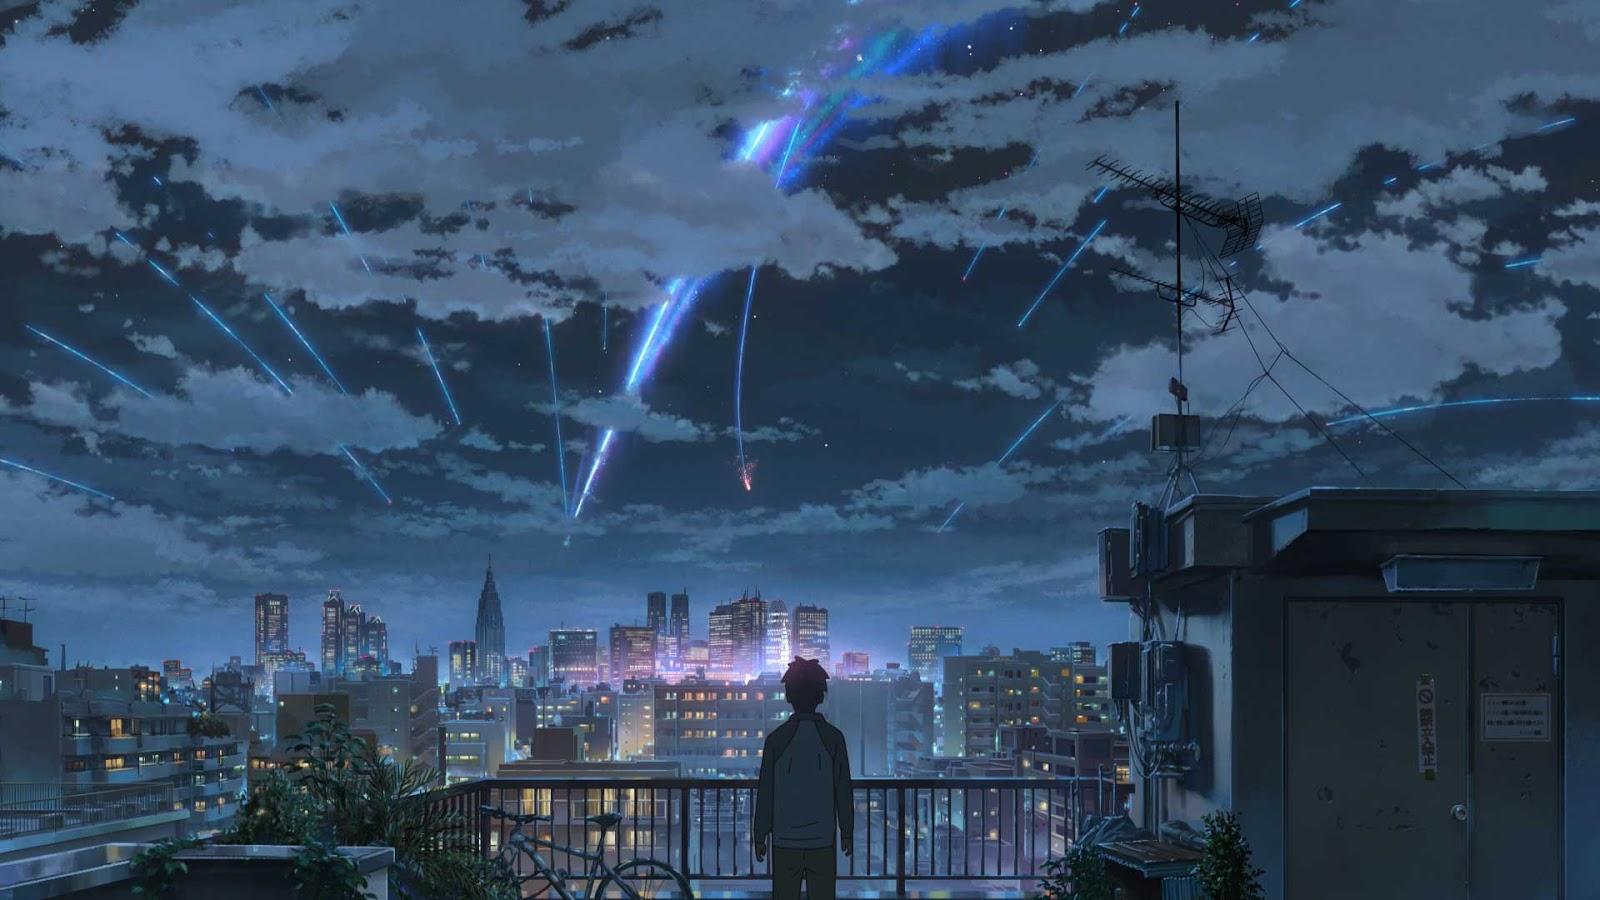 Taki stand under meteor shower